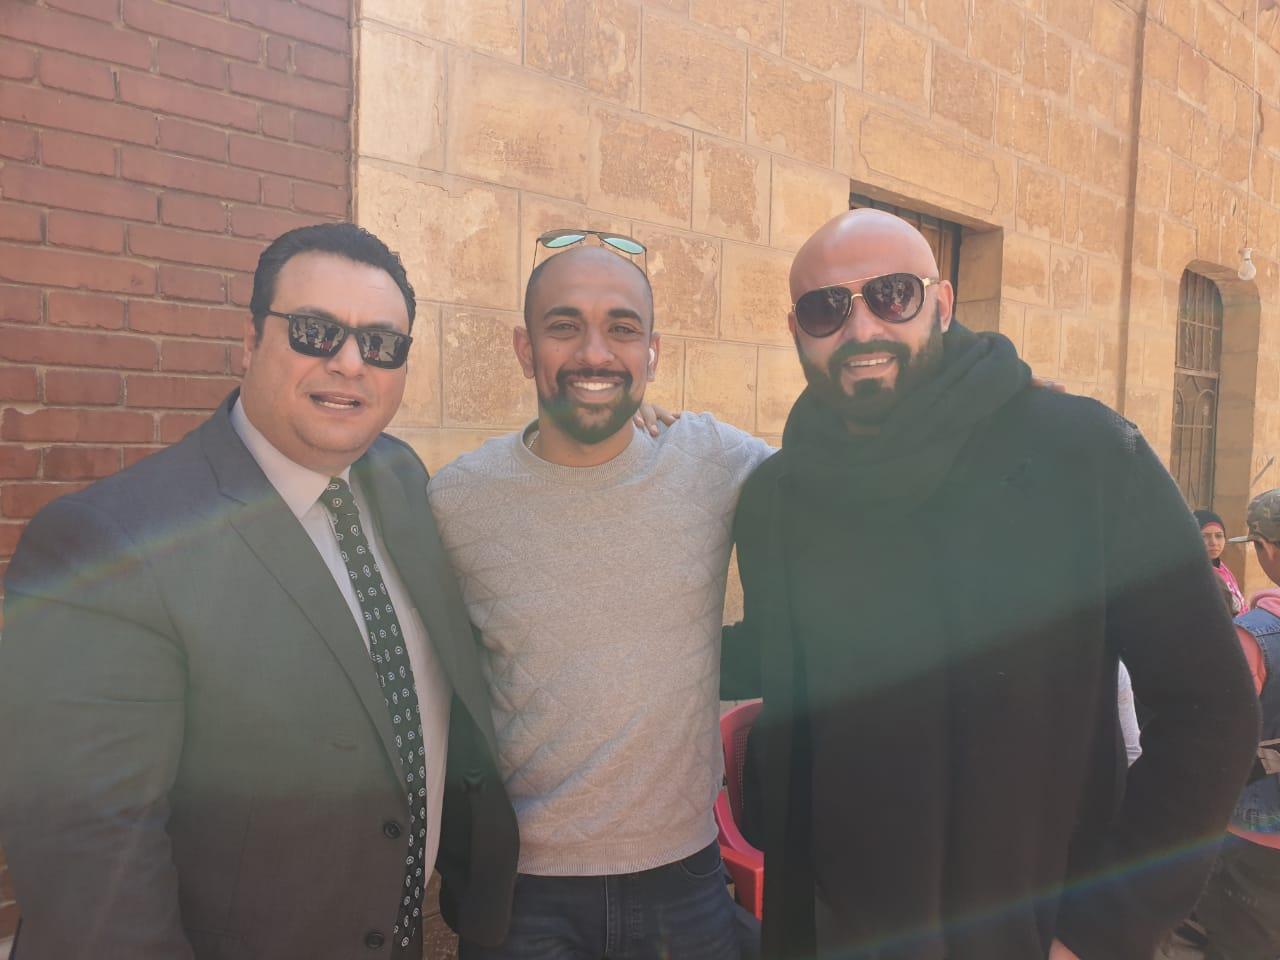 مراد مكرم واحمد صلاح حسنى والمخرج حسام على